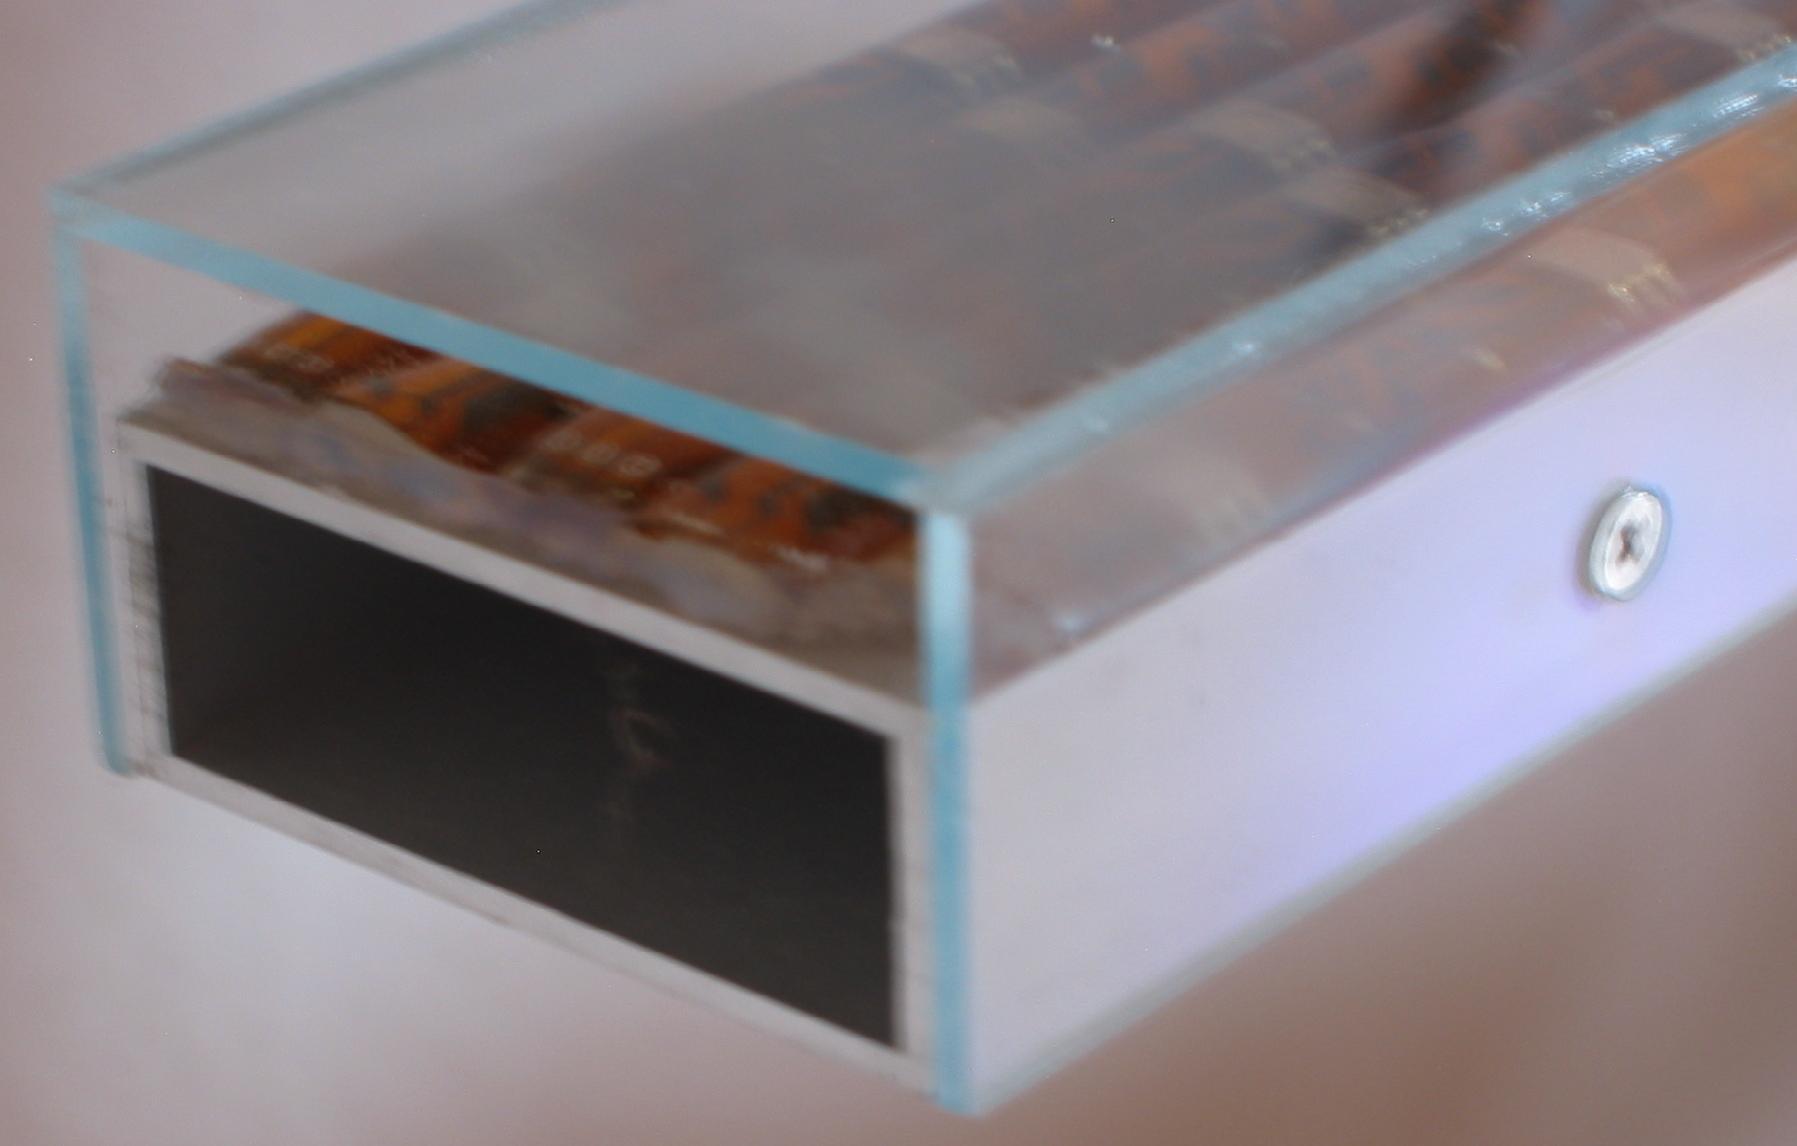 LEDStreifen fr Beleuchtung im Wohnzimmer  Mikrocontrollernet